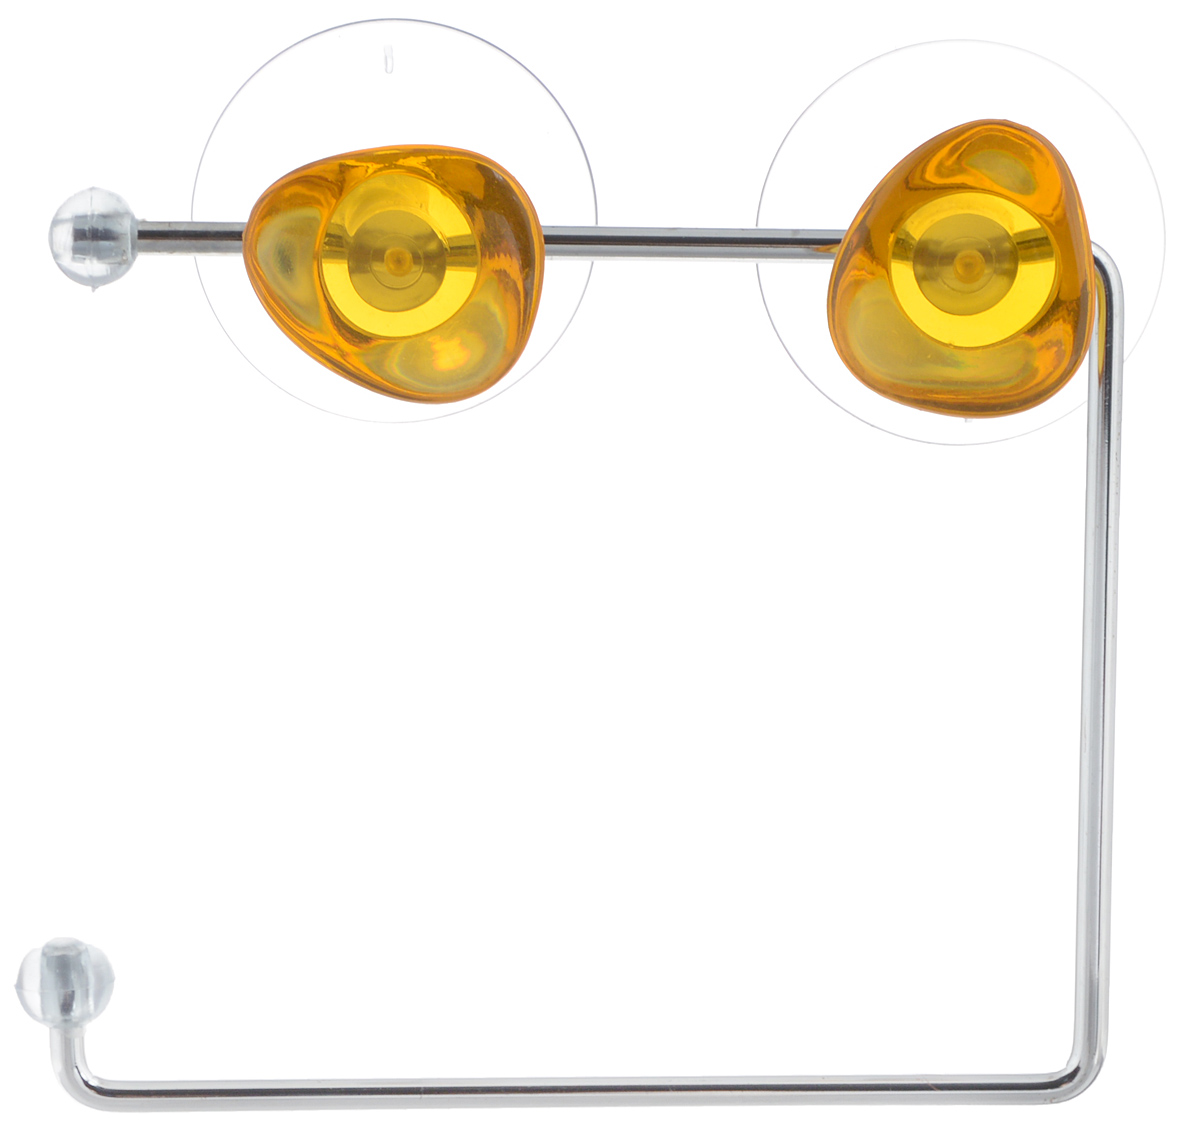 Держатель для туалетной бумаги Axentia Amica, на присосках, цвет: желтый, стальнойNLED-452-9W-BKДержатель для туалетной бумаги Axentia Amica изготовлен из высококачественной стали с хромированным покрытием, которое устойчиво к влажности и перепадам температуры. Держатель поможет оформить интерьер в выбранном стиле, разбавляя пространство туалетной комнаты различными элементами. Он хорошо впишется в любой интерьер, придавая ему черты современности. Для большего удобства изделие крепится к поверхностям с помощью двух присосок из поливинилхлорида (входят в комплект), что дает возможность при необходимости менять их месторасположение. Размер держателя: 14,5 х 12,5 х 4,5 см. Диаметр присоски: 5,5 см.